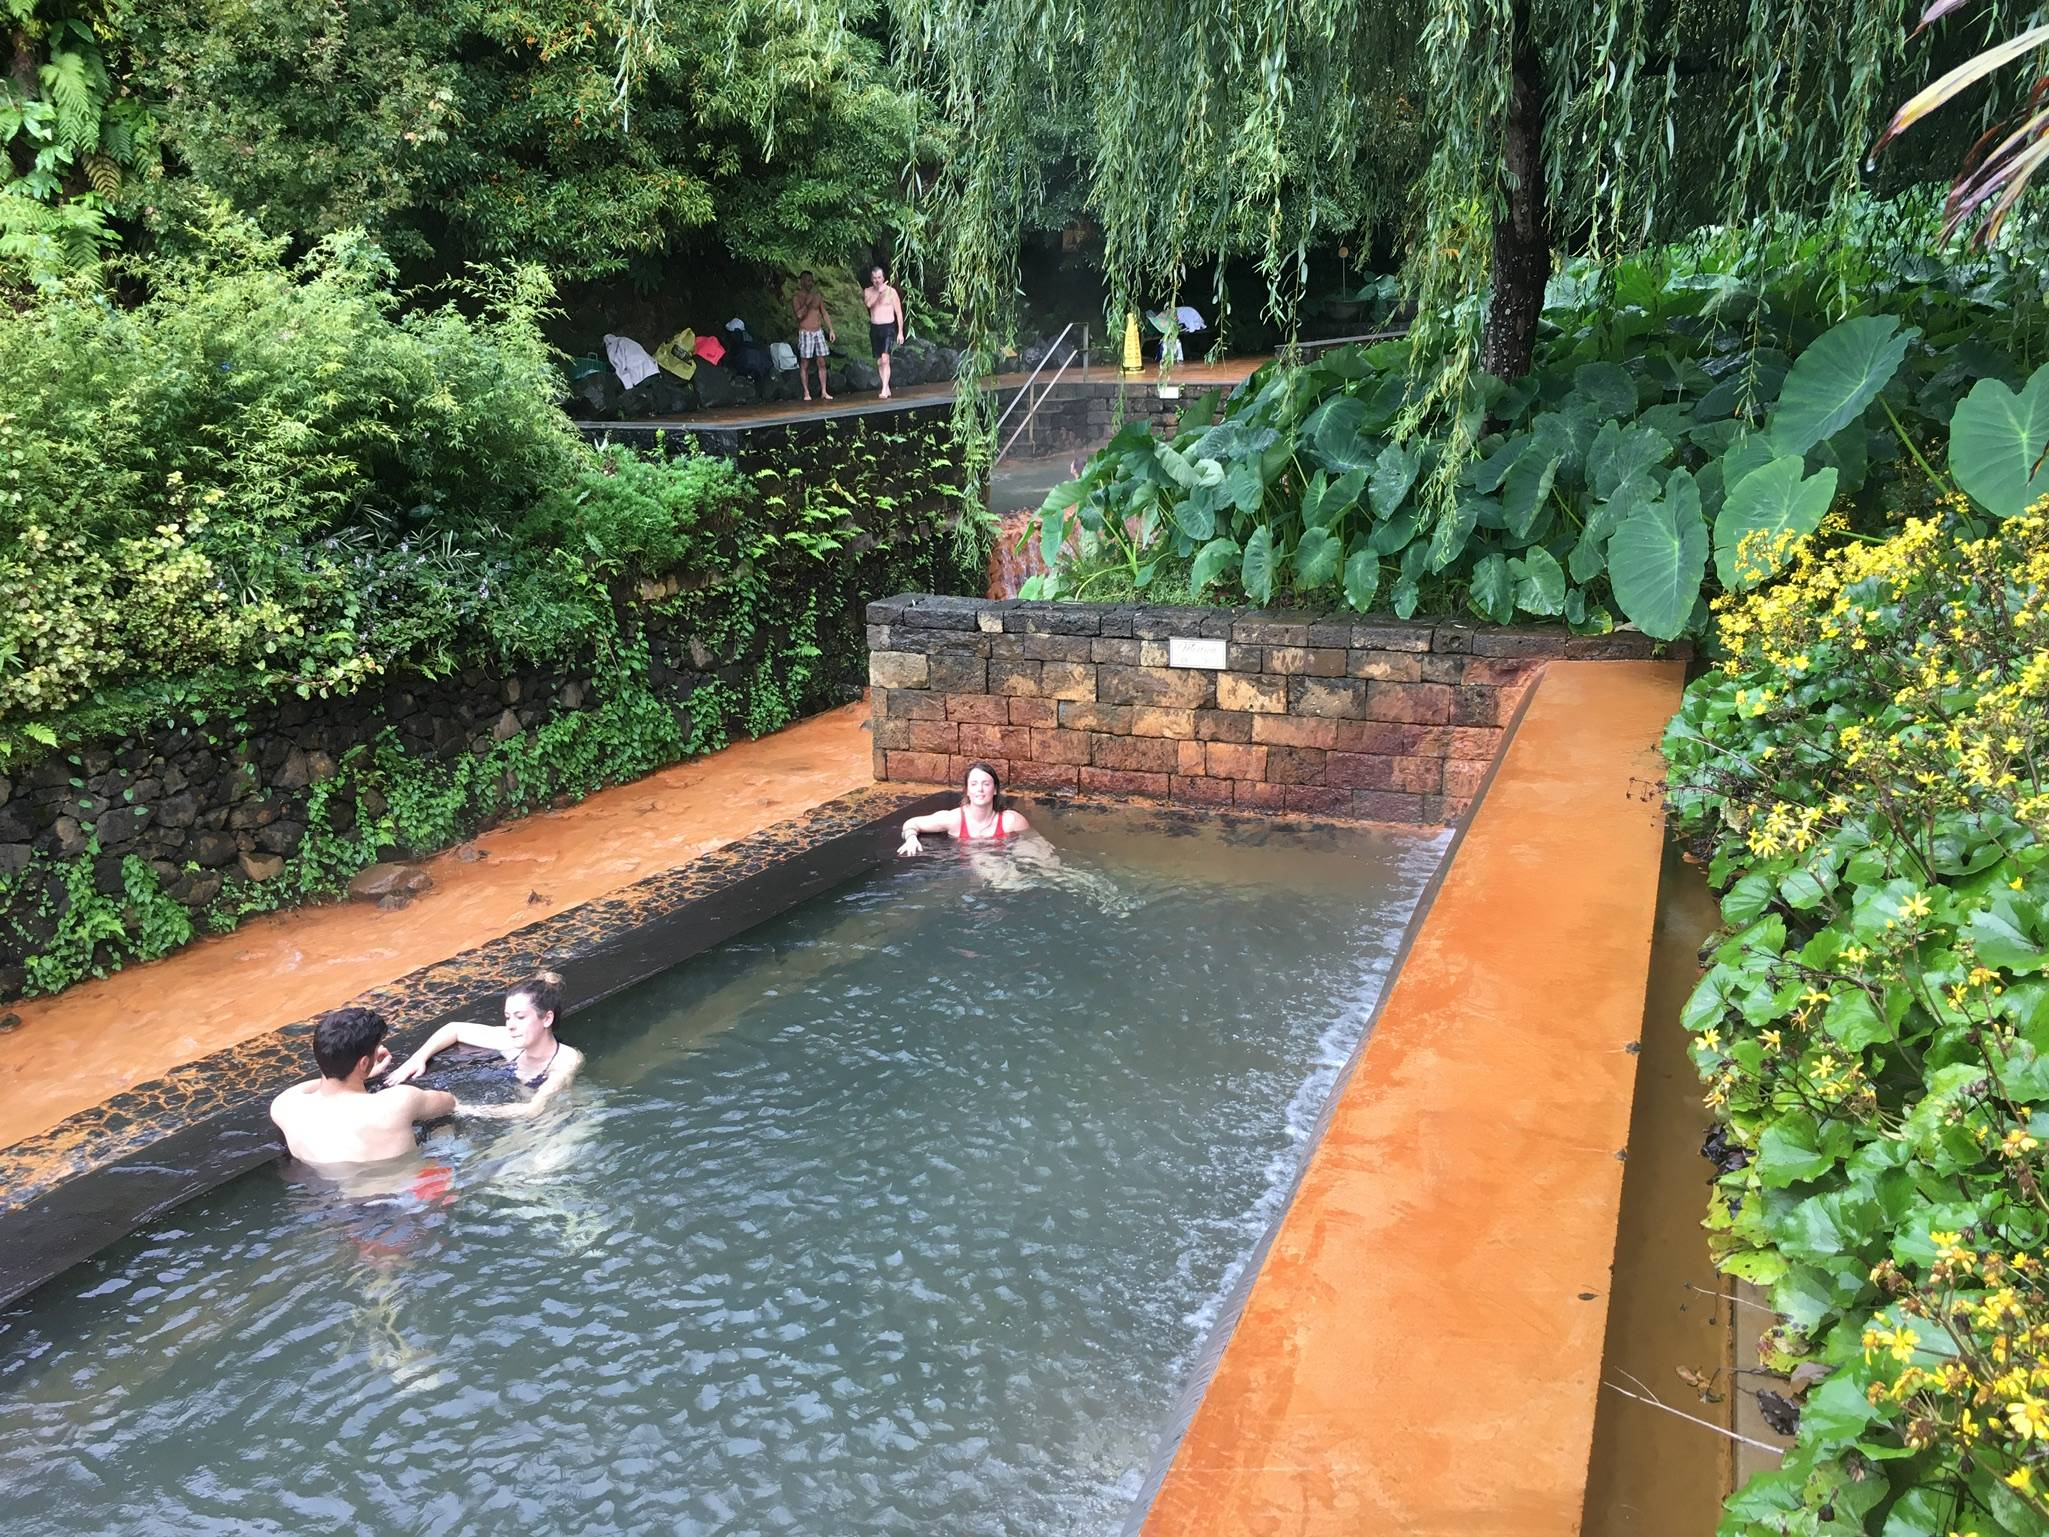 Photo 1: Furnas, bains d'eau chaude